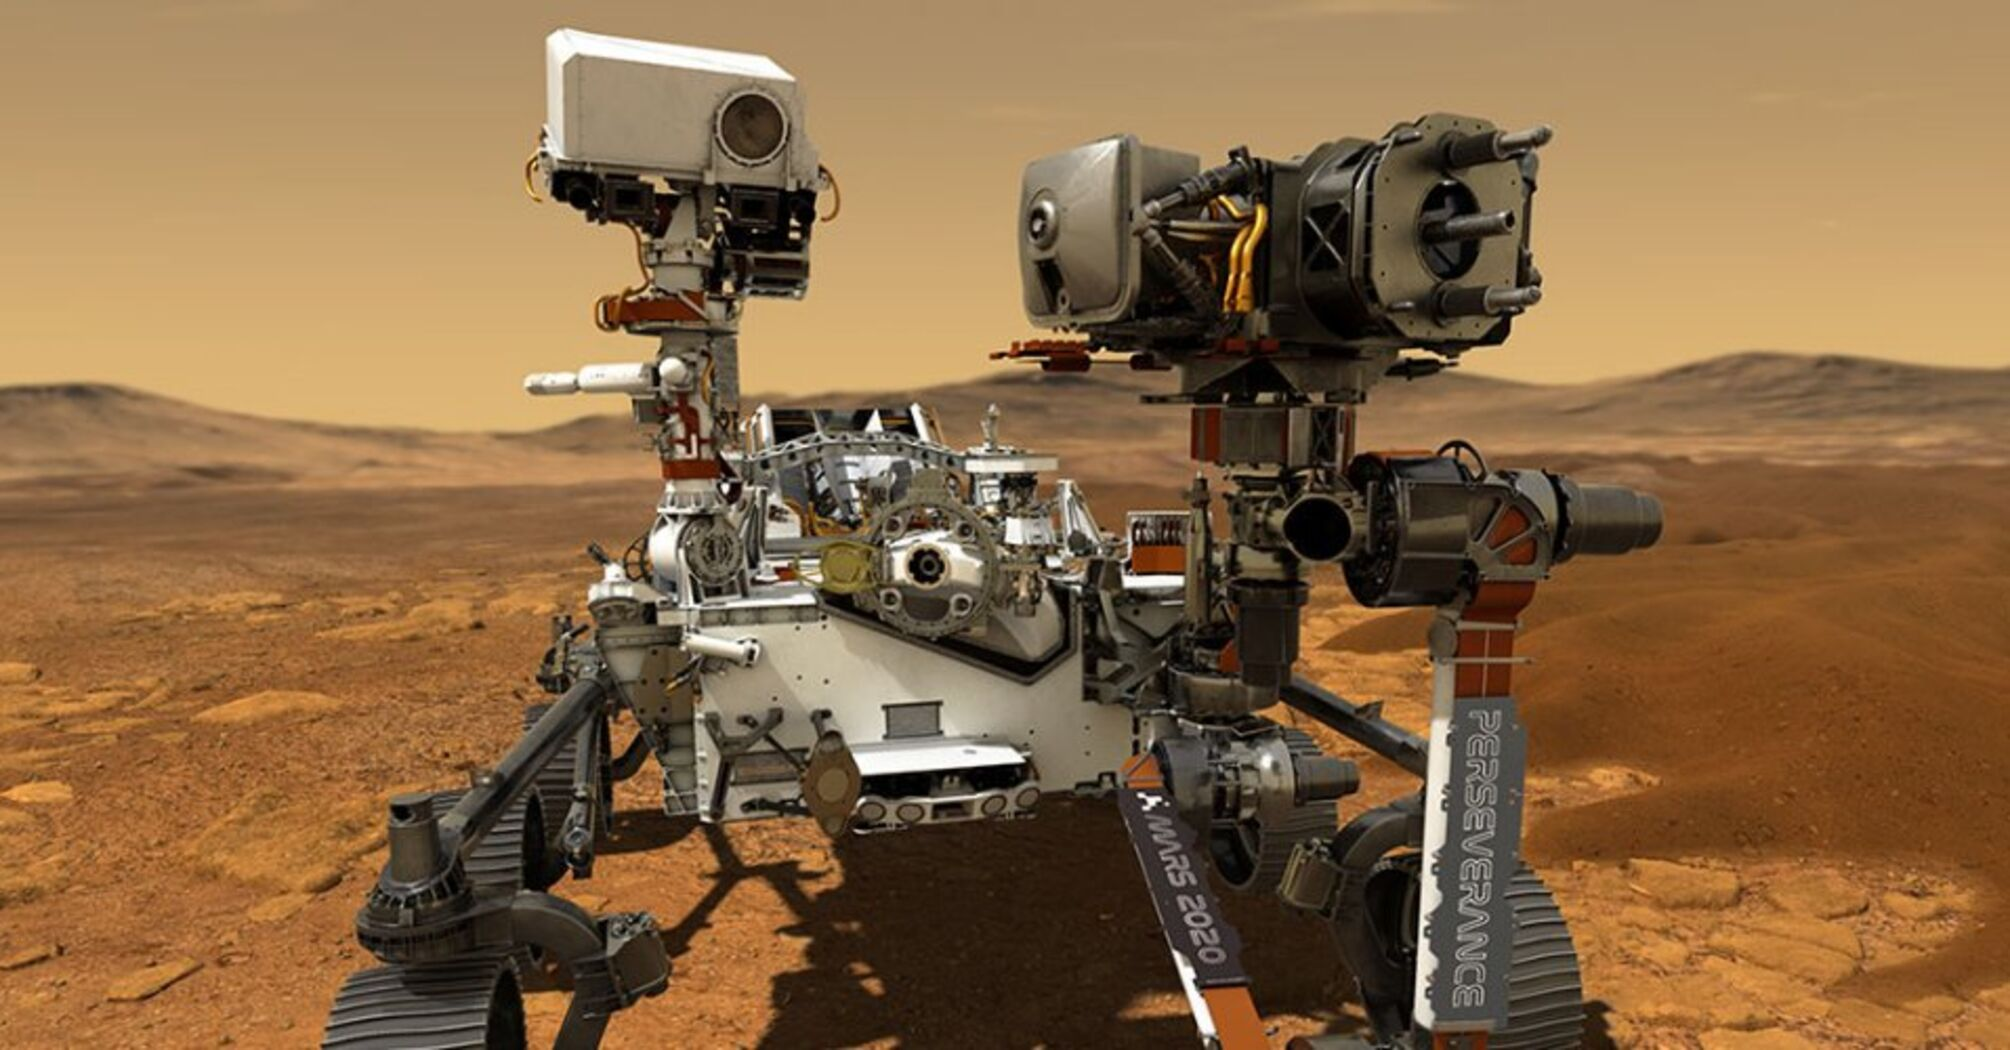 Апарат Perseverance уже надсилає перші фото після успішного приземлення на Марсі